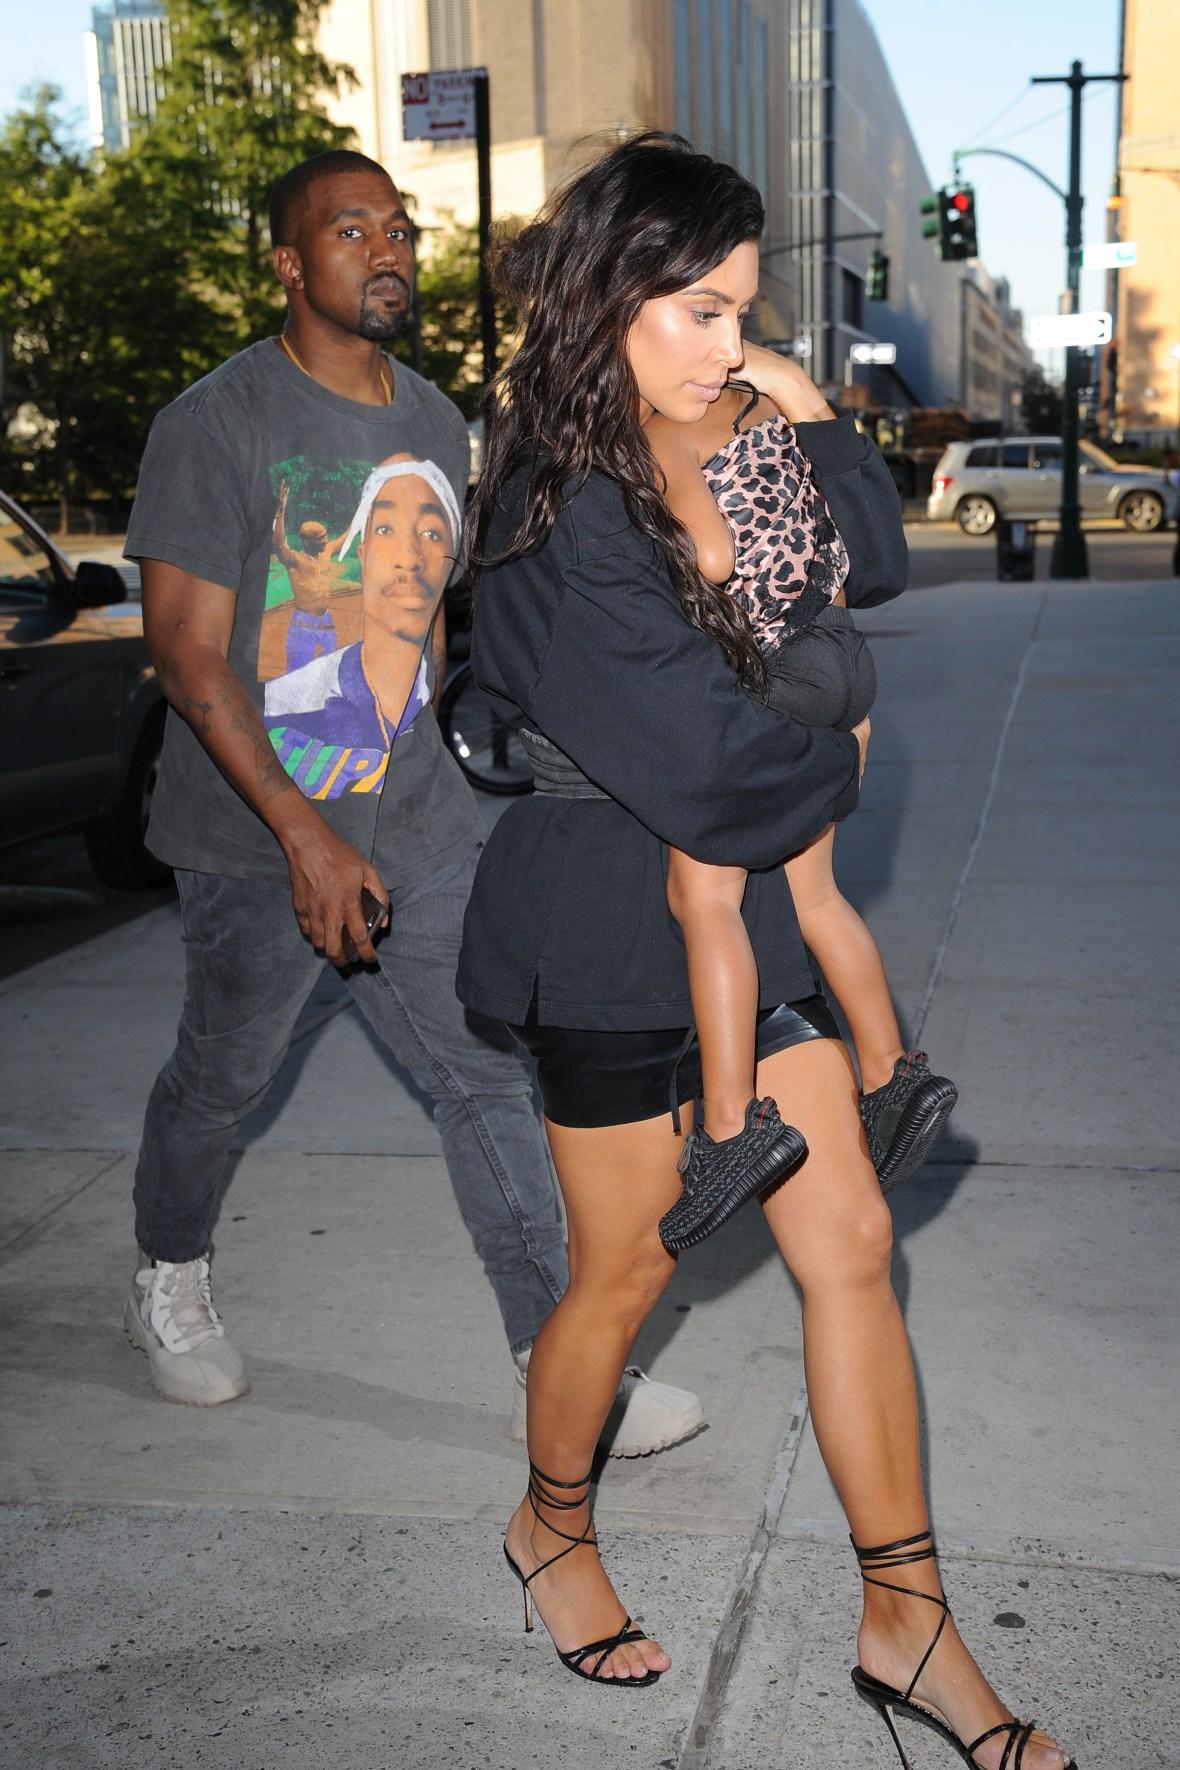 Kim Kardashian Holds North While Walking With Kanye West